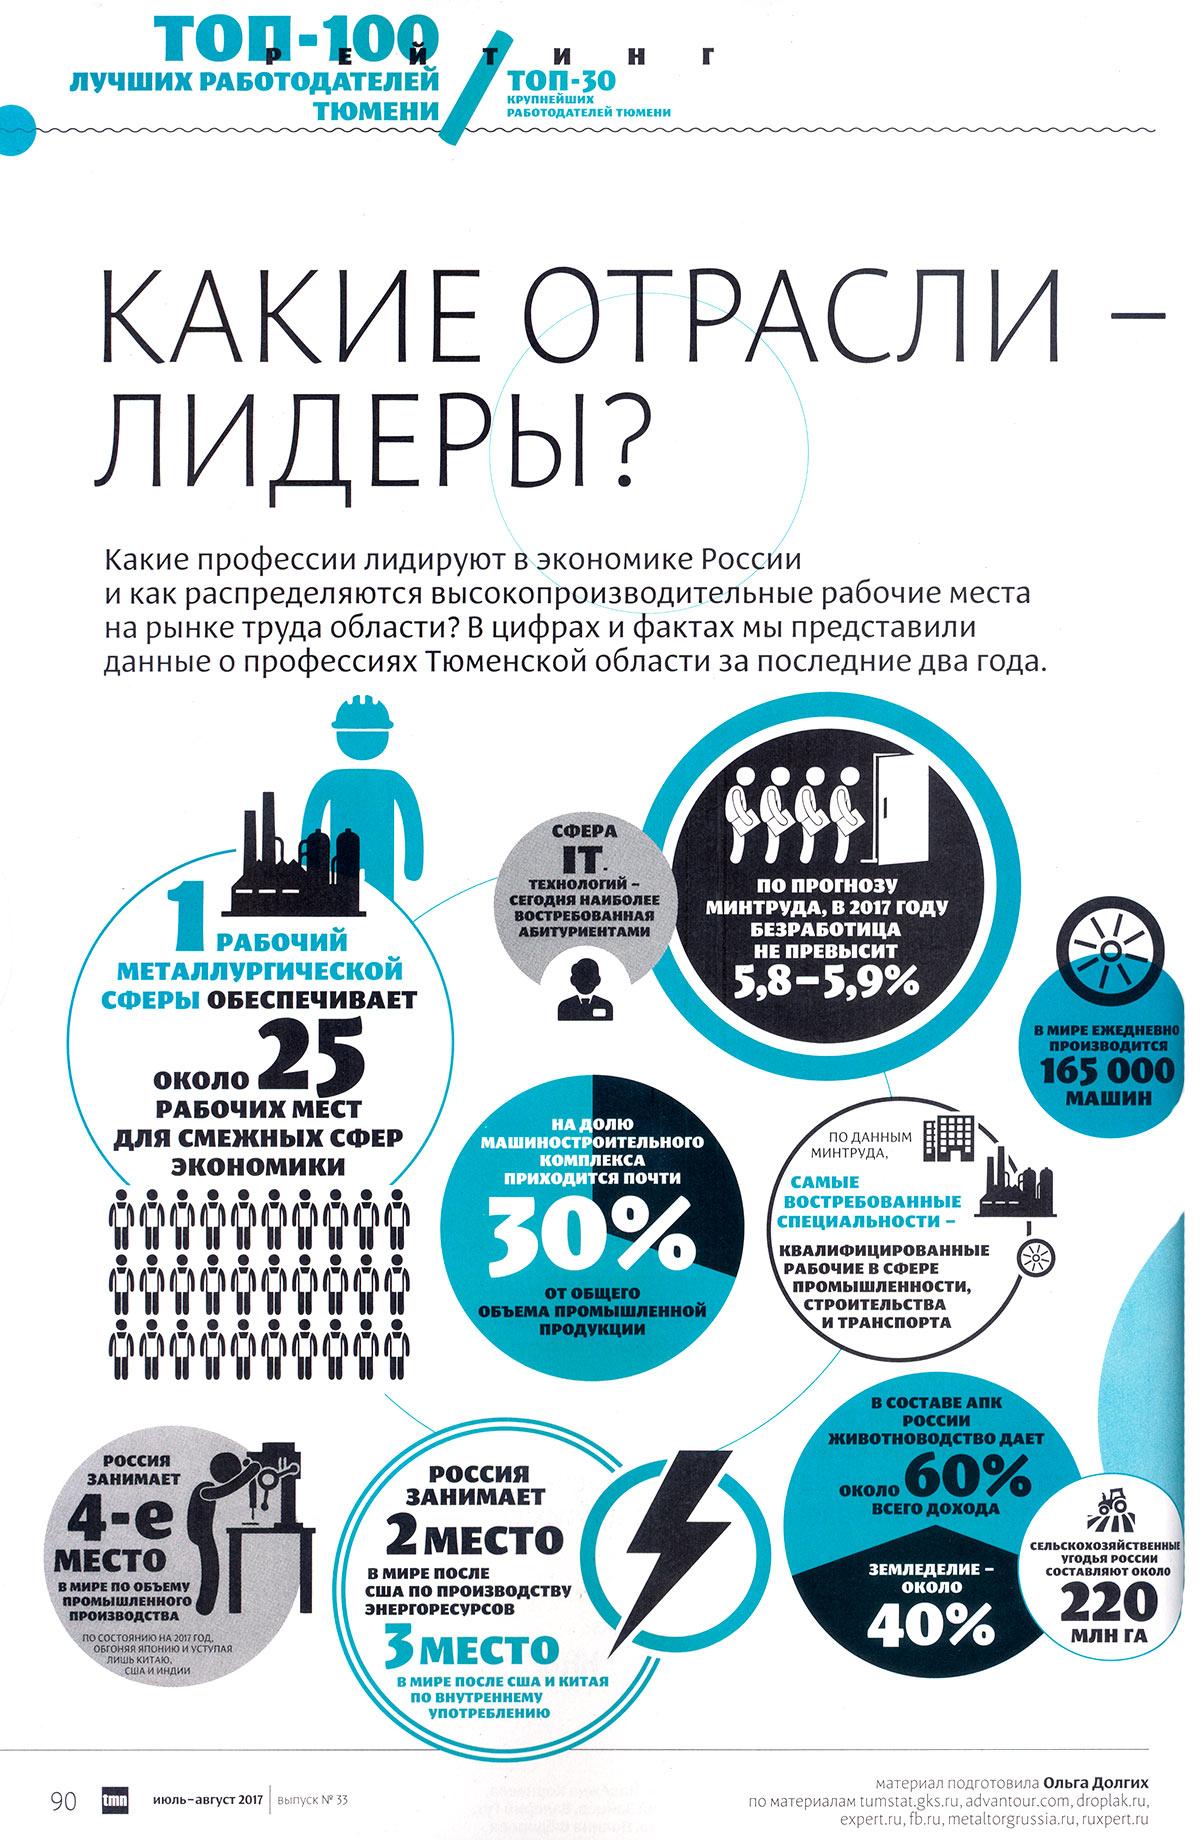 Журнал «Tmn» 2017-2. ТОП-100 лучших работодателей в Тюмени. Стр. 150